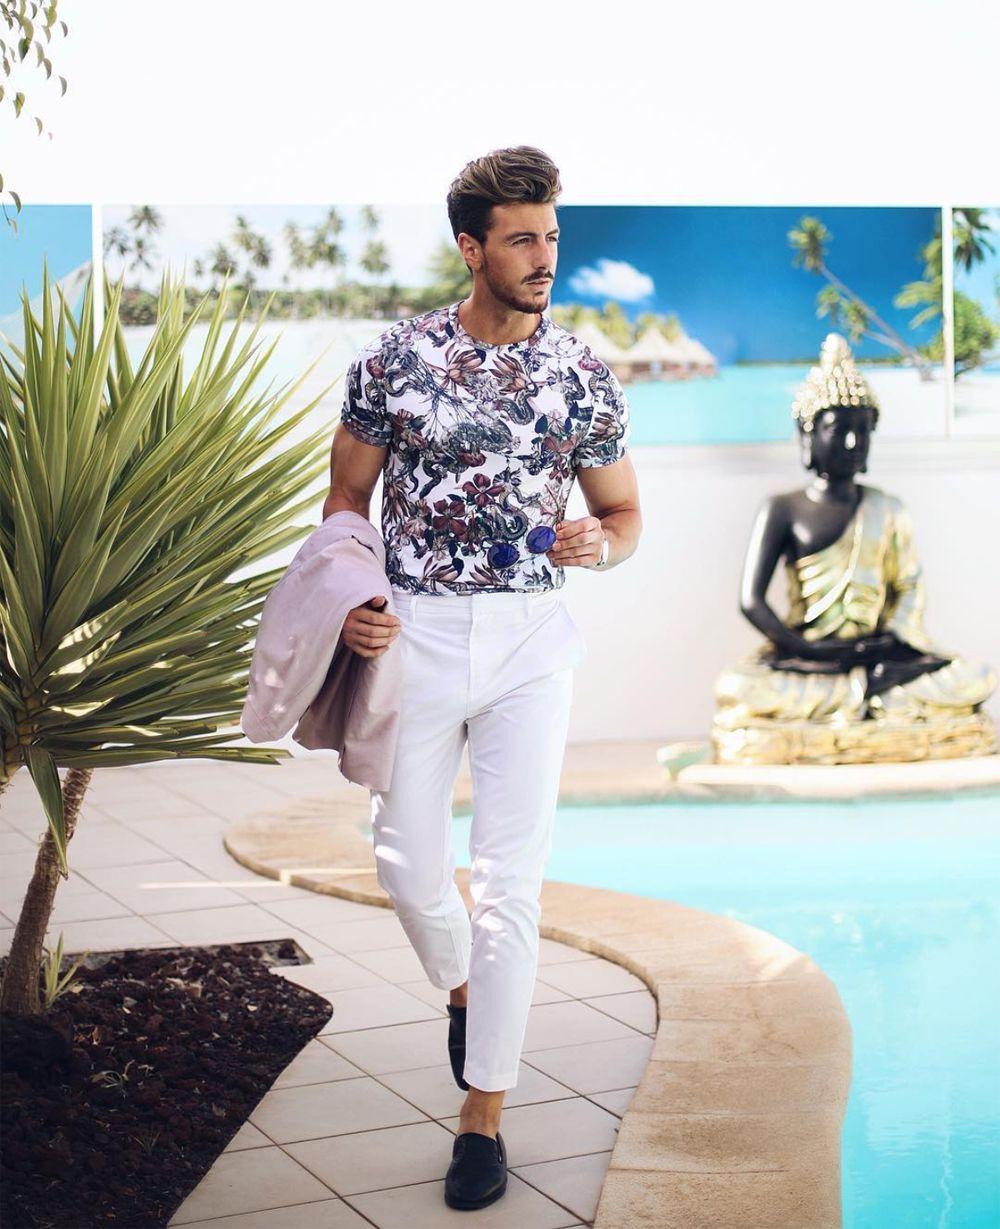 Look masculino com calça branca e camiseta floral. Veja mais estampas que  prometem bombar na primavera verão 2019 no blog Marco da Moda b56b099e709